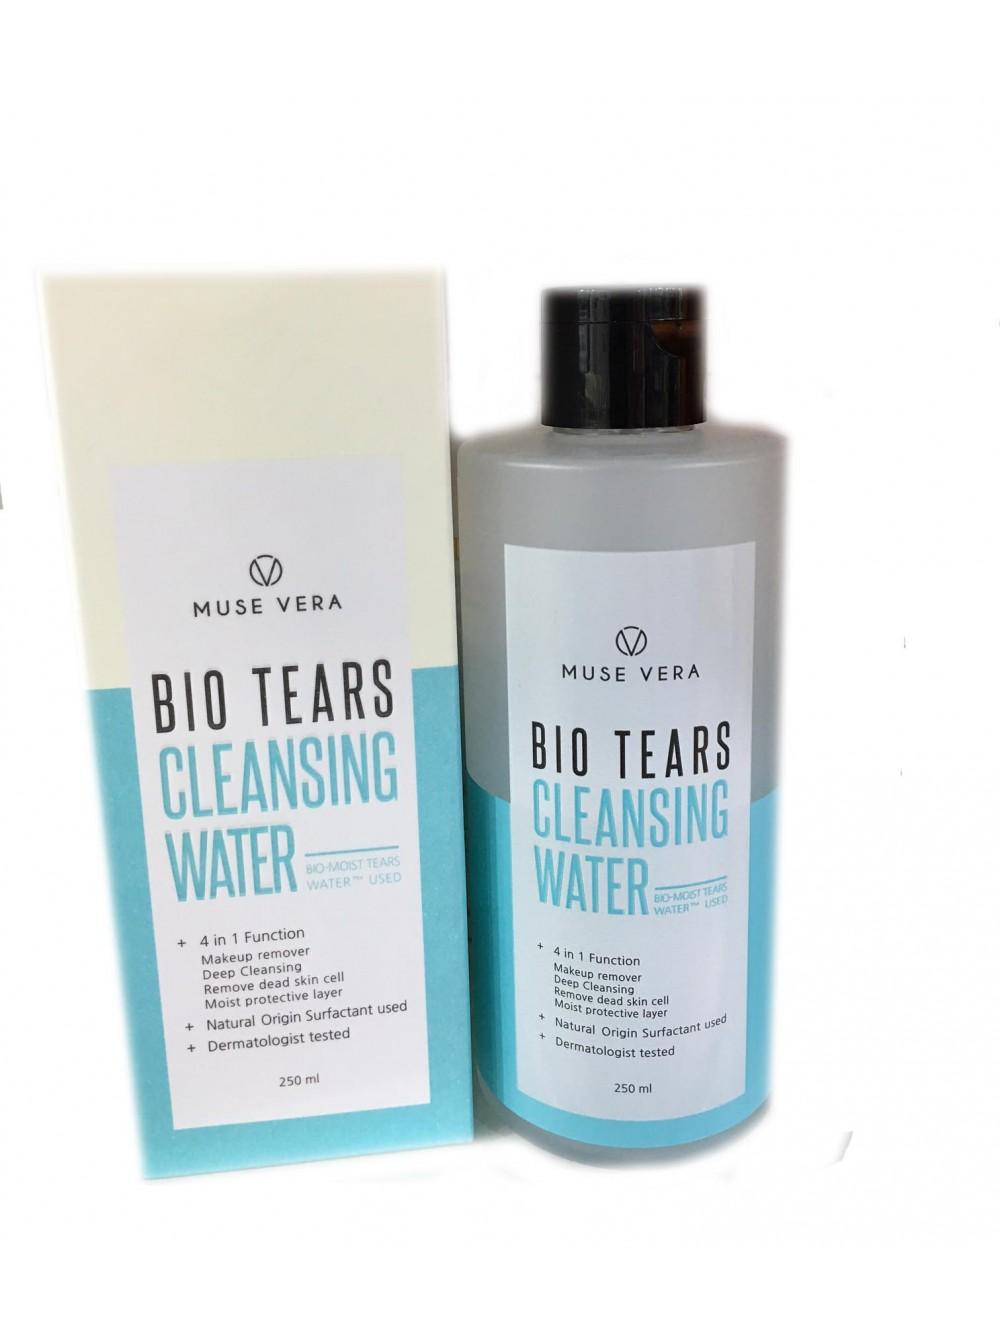 очищающая вода deoproce musevera bio tears cleansing waterMusevera Bio Tears Cleansing Water. Очищающая вода<br><br>Чистая и прозрачная, как слеза, эта вода выполняет сразу несколько функций: удаляет макияж, способствует глубокому очищению от загрязнений, отшелушивает омертвевшие клетки эпидермиса и поддерживает оптимальный уровень увлажненности кожи.<br><br>Средство гипоаллергенное, дерматологически протестировано, подходит для очищения кожи любого типа, в том числе и для самой чувствительной, имеет pH-баланс 5,5.<br><br>В составе очищающего средства комплекс увлажняющих компонентов и растительных экстрактов, среди которых яблочная вода, которая оказывает увлажняющее, тонизирующее, восстанавливающее и омолаживающее действие. Благодаря высокому содержанию фруктовых кислот мягко отшелушивает ороговевшие клетки кожи. Обладает антиоксидантным действием, защищает кожу от вредных факторов внешней среды.<br><br>Способ применения: Смочить средством ватный диск и удалить им макияж.<br><br>Объём: 250 мл<br>